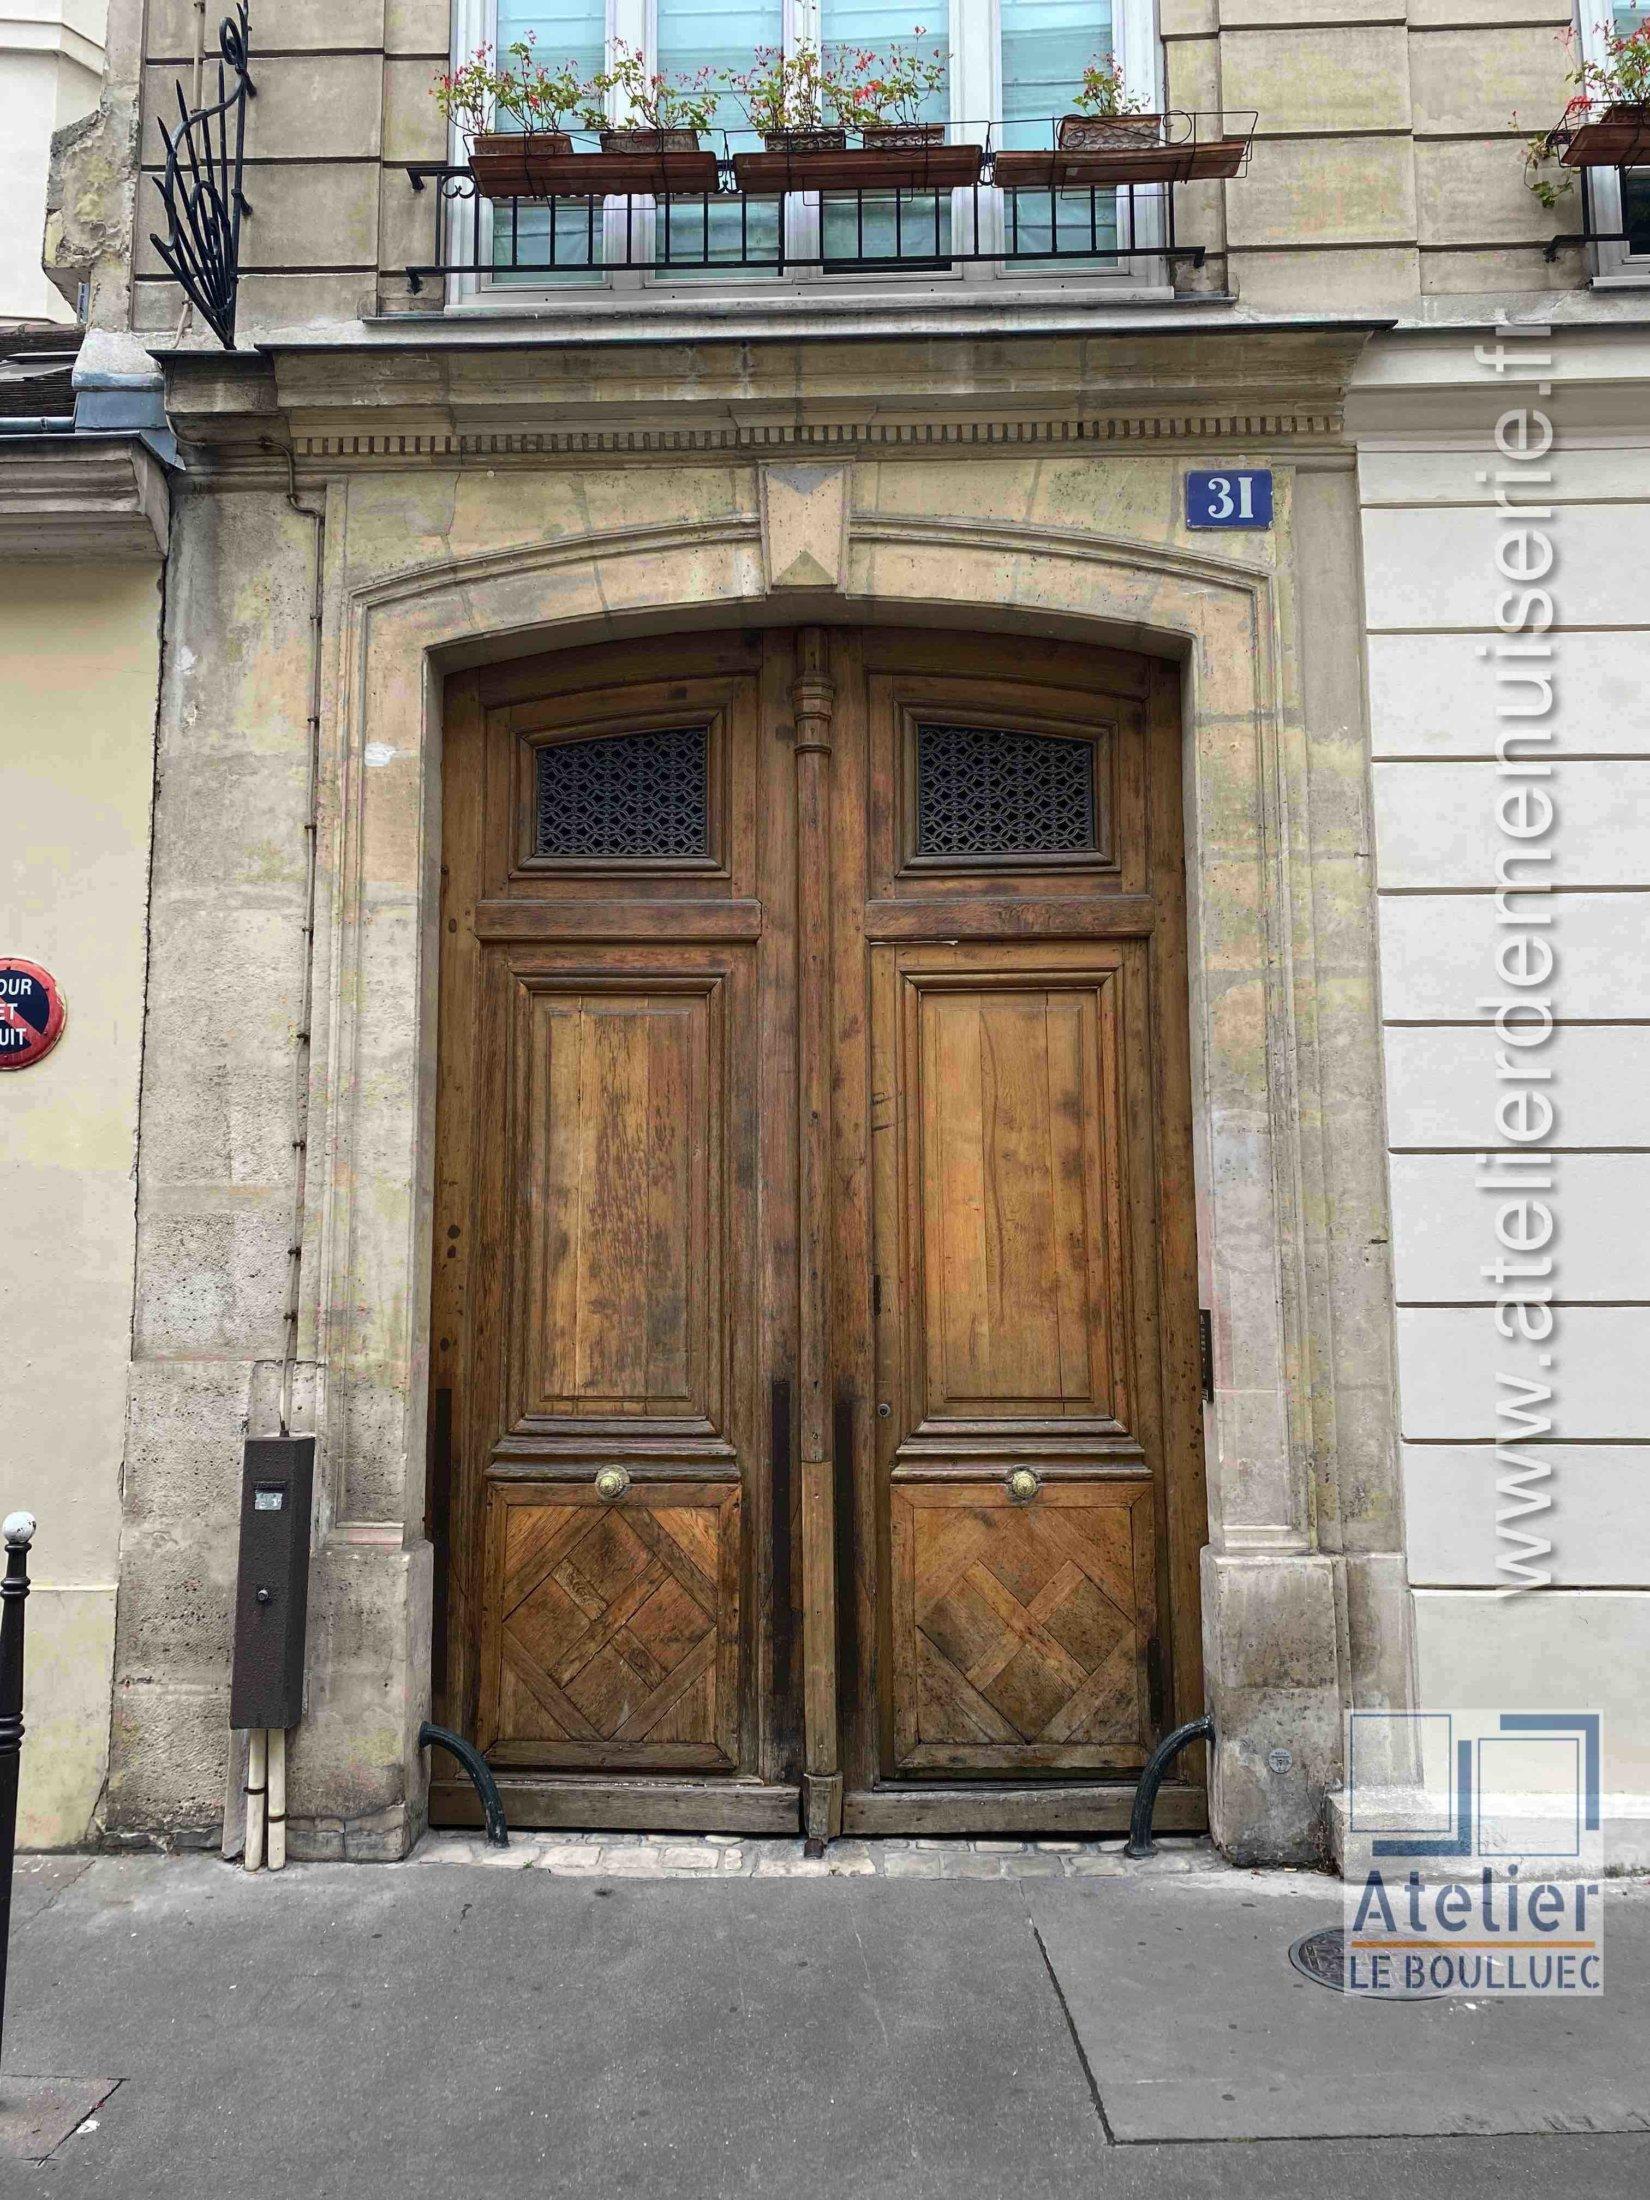 Porte Cochère - 31 RUE DU PETIT MUSC PARIS 4